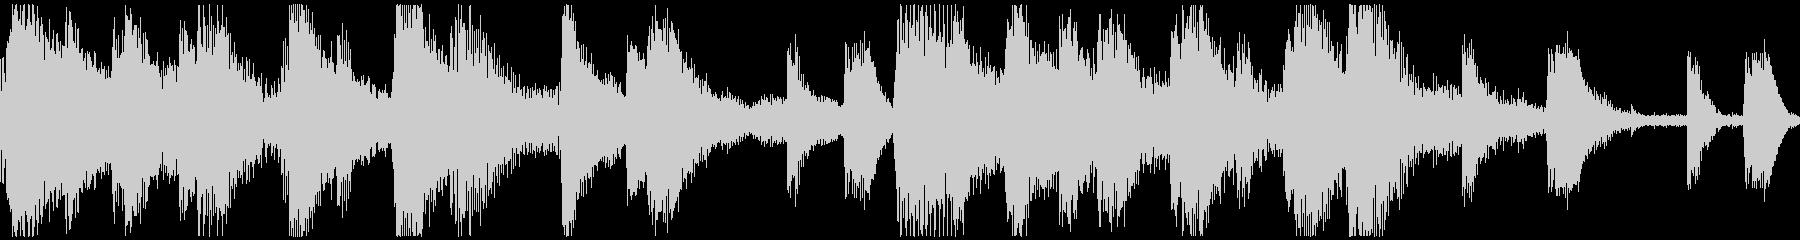 <ショートループ> ピアノ⑨+ビートBの未再生の波形